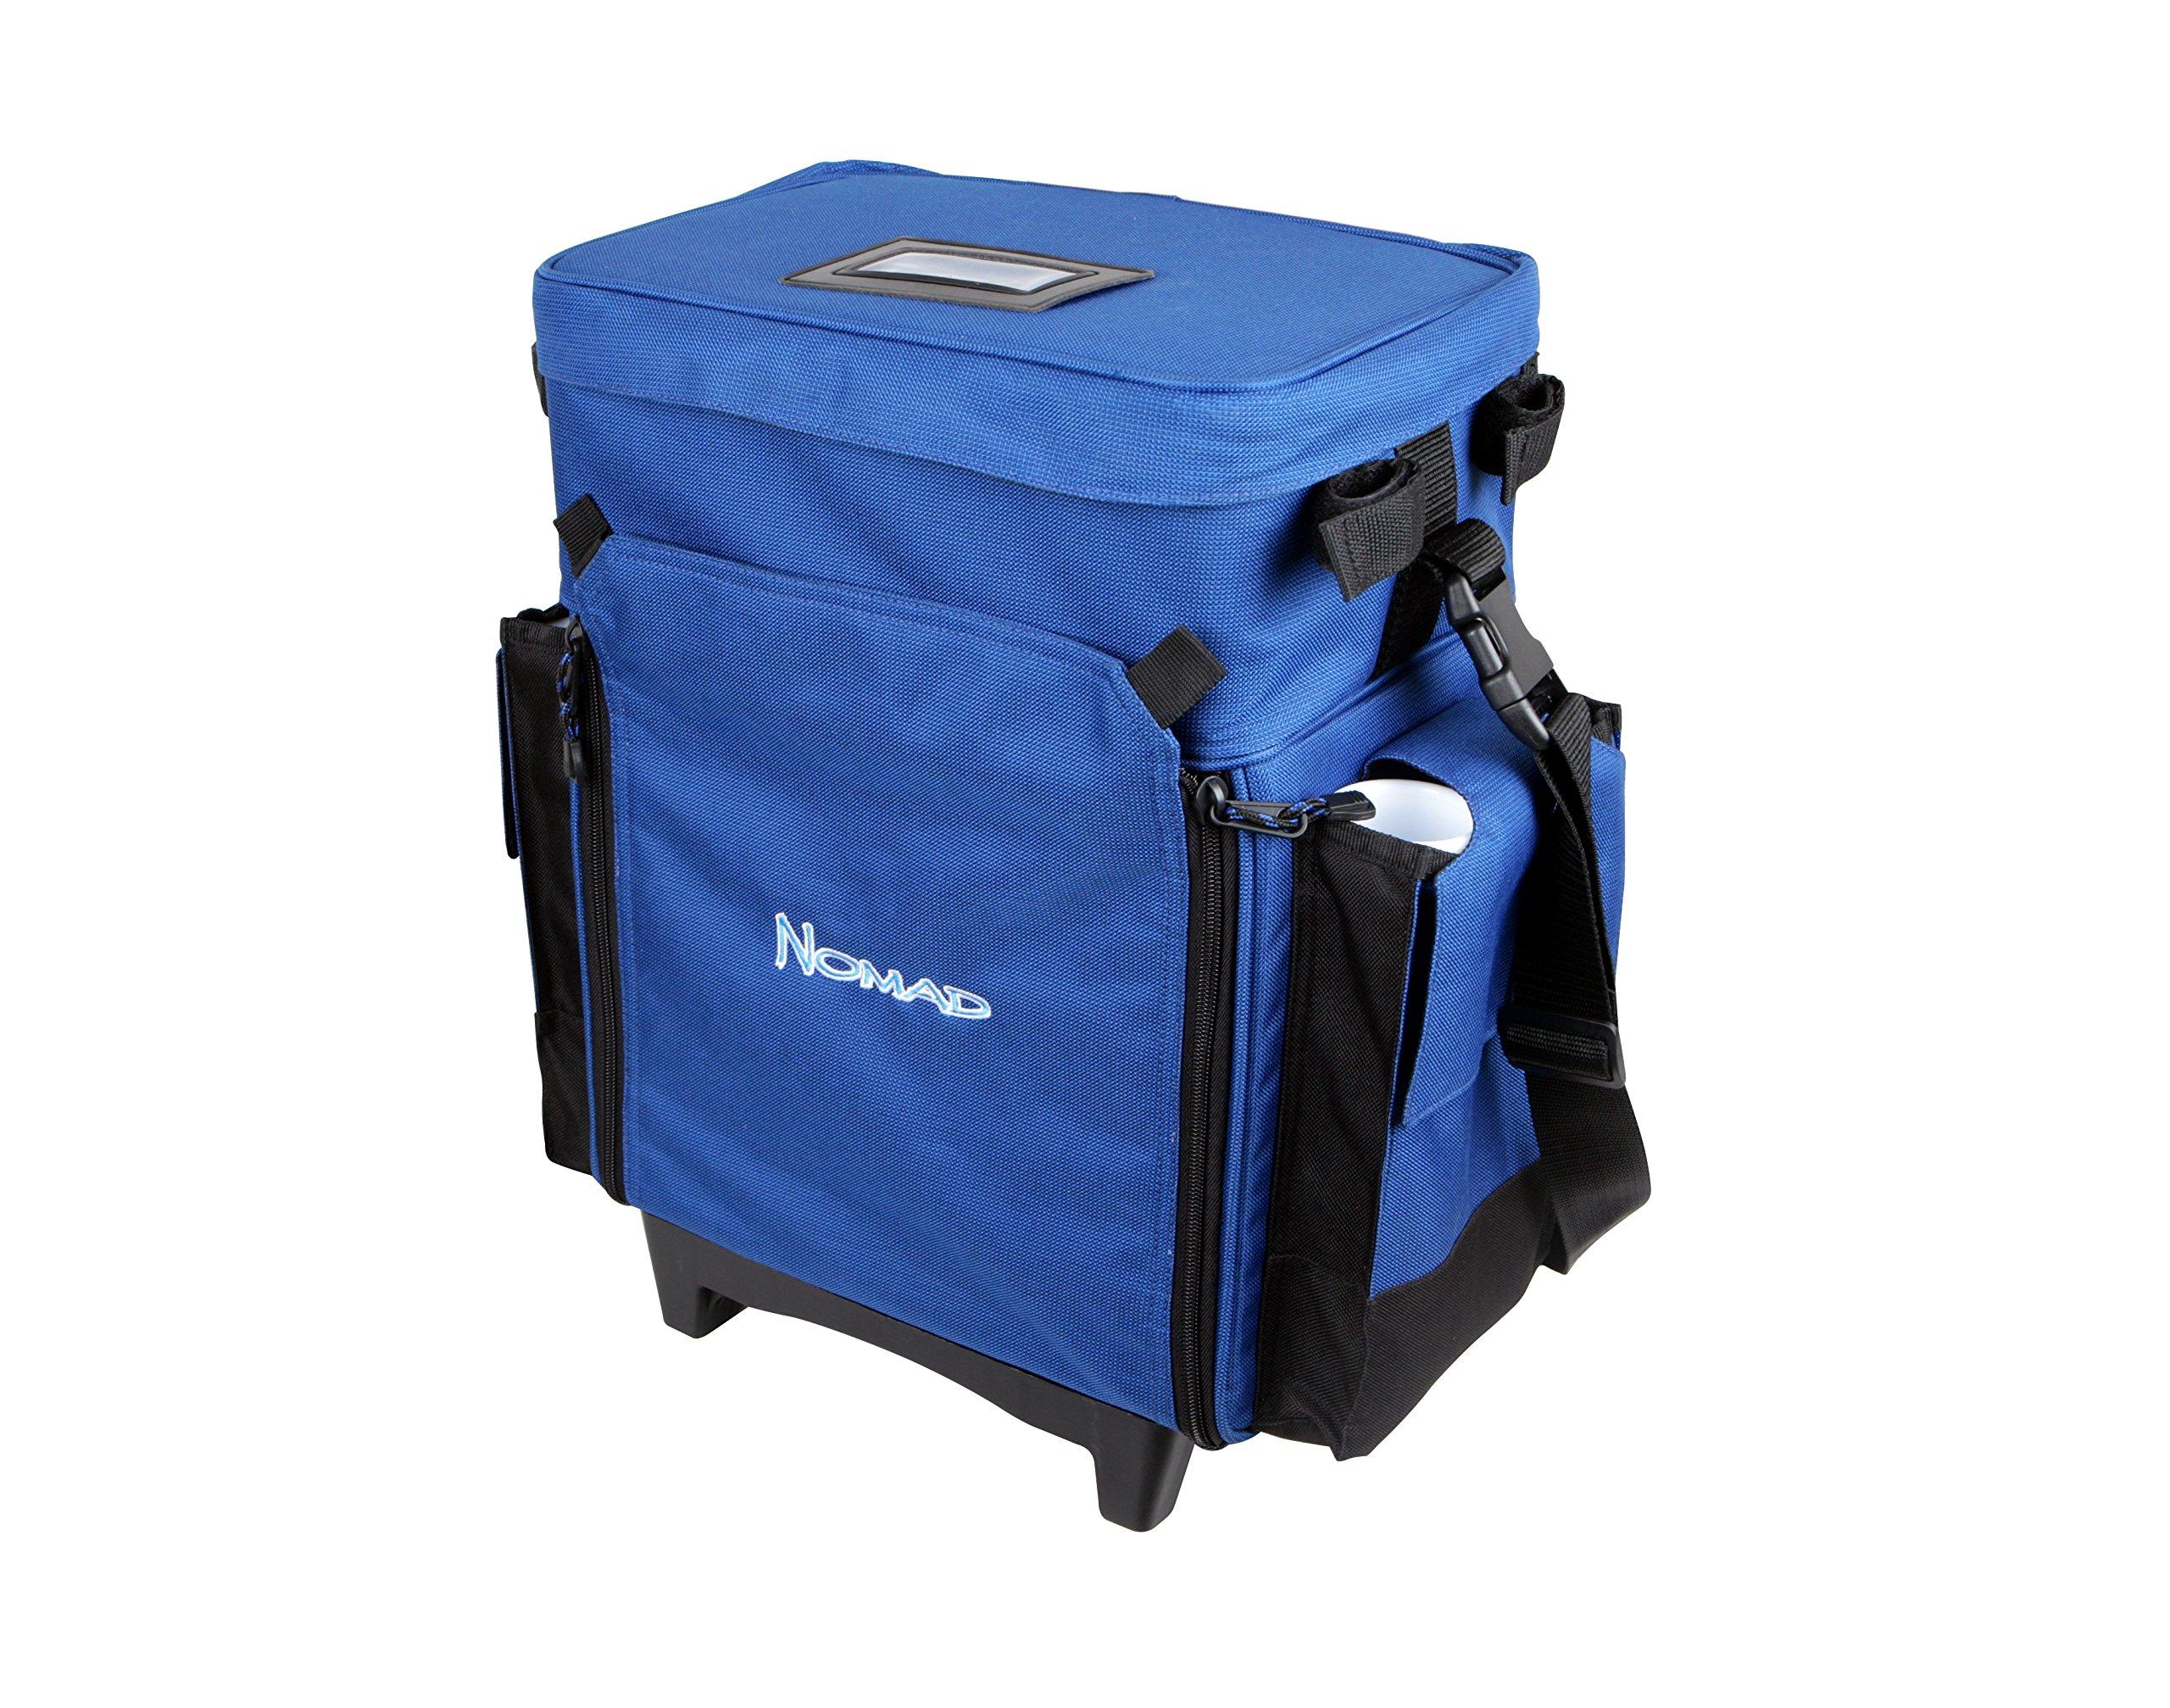 Okuma Nomad Soft Sided Range Bag, Long